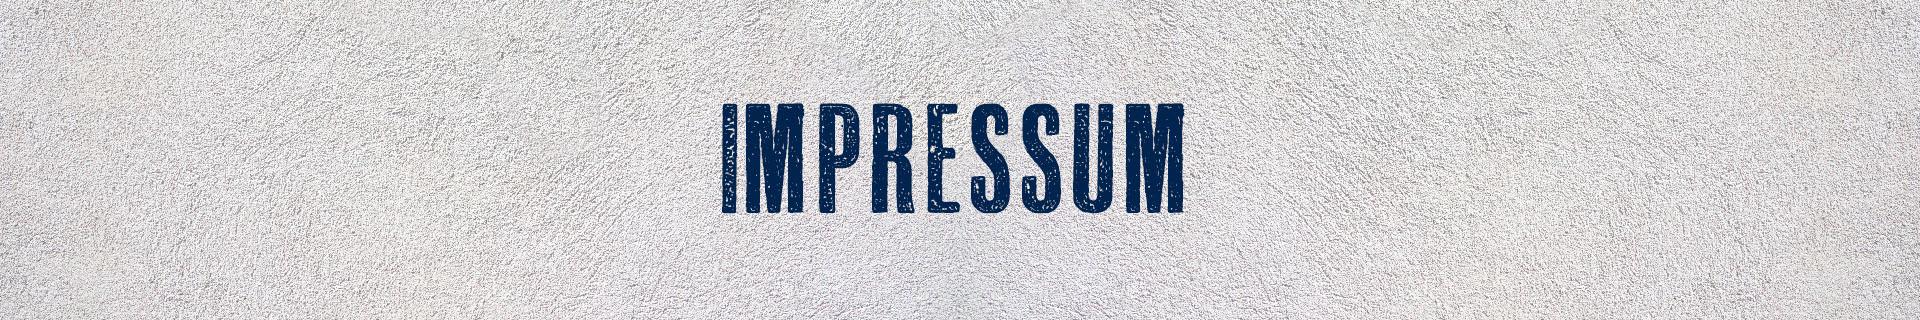 ProUrbano_Impressum-Header